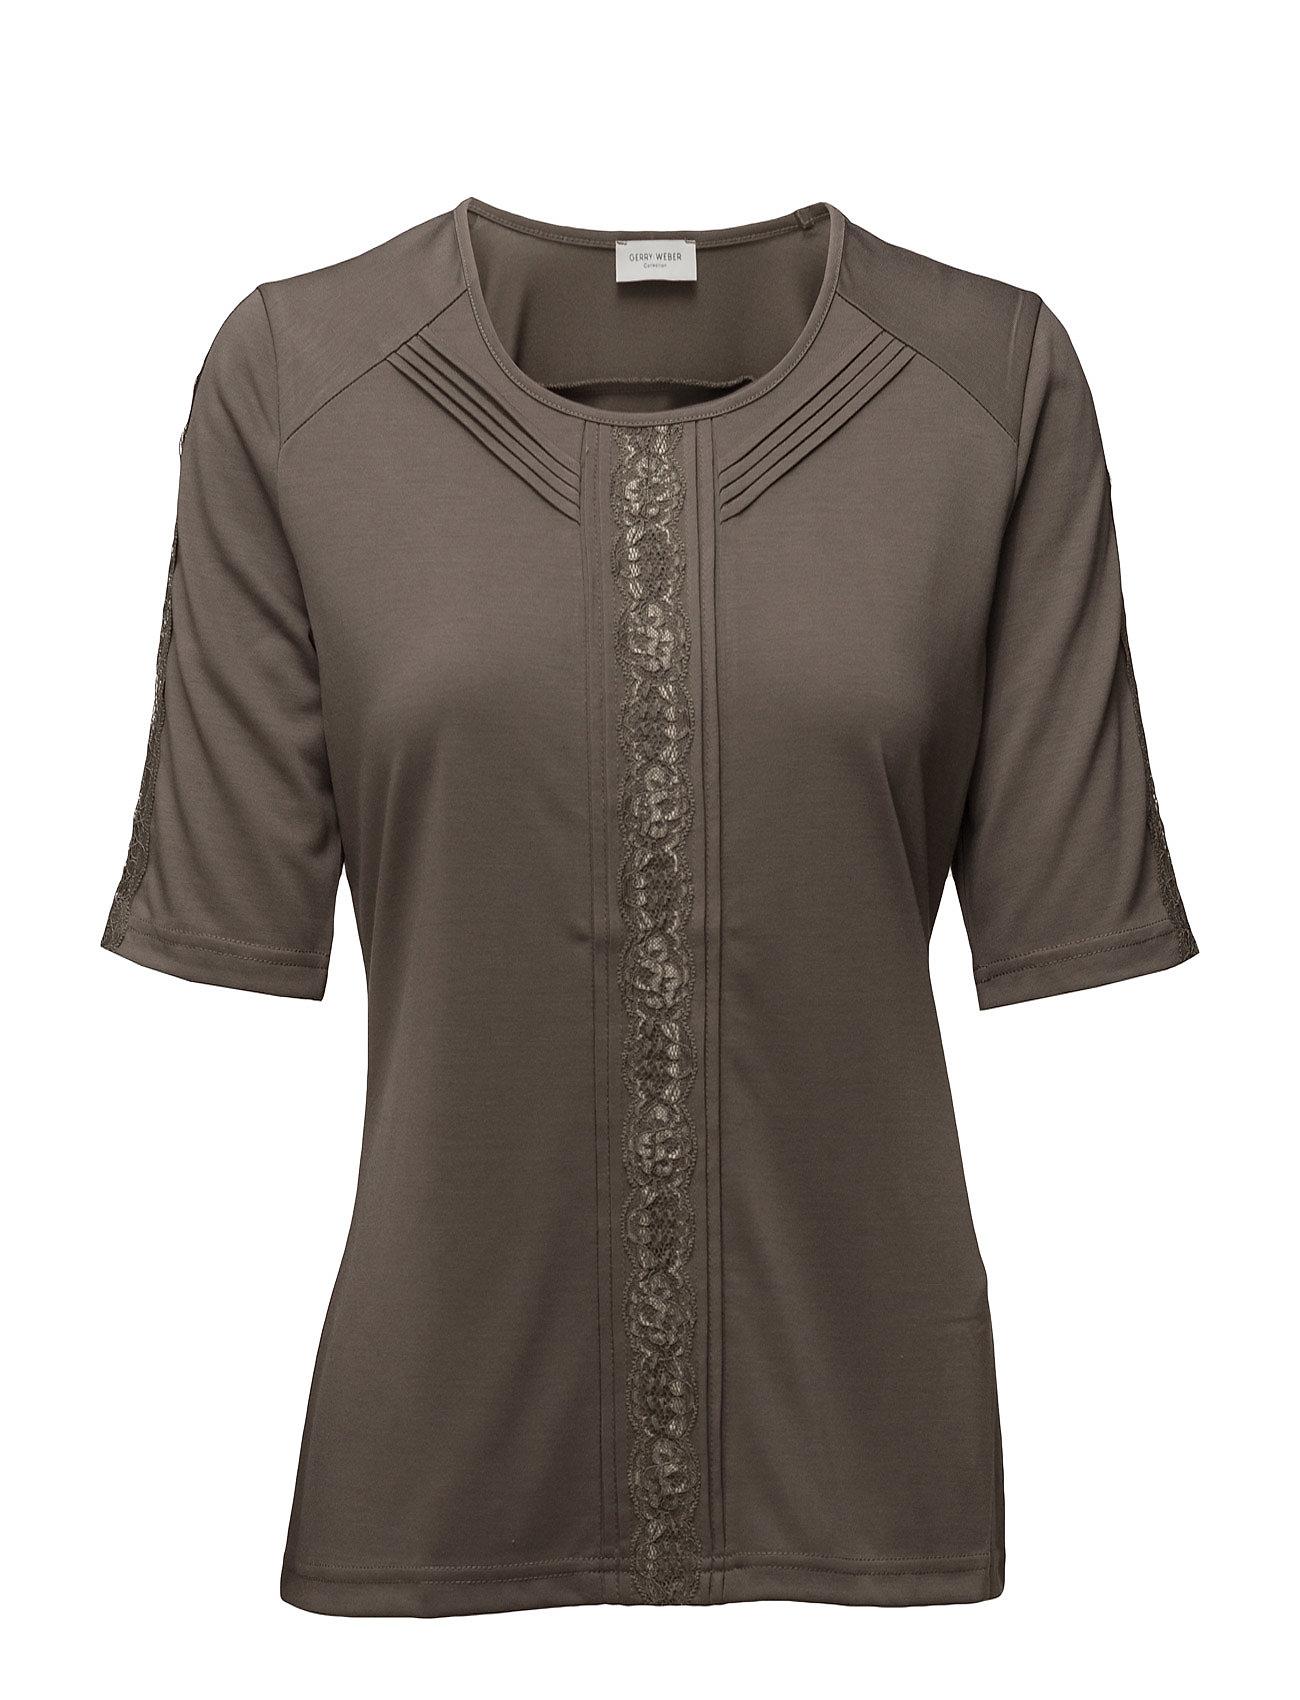 Image of T-Shirt Short-Sleeve (2569501605)